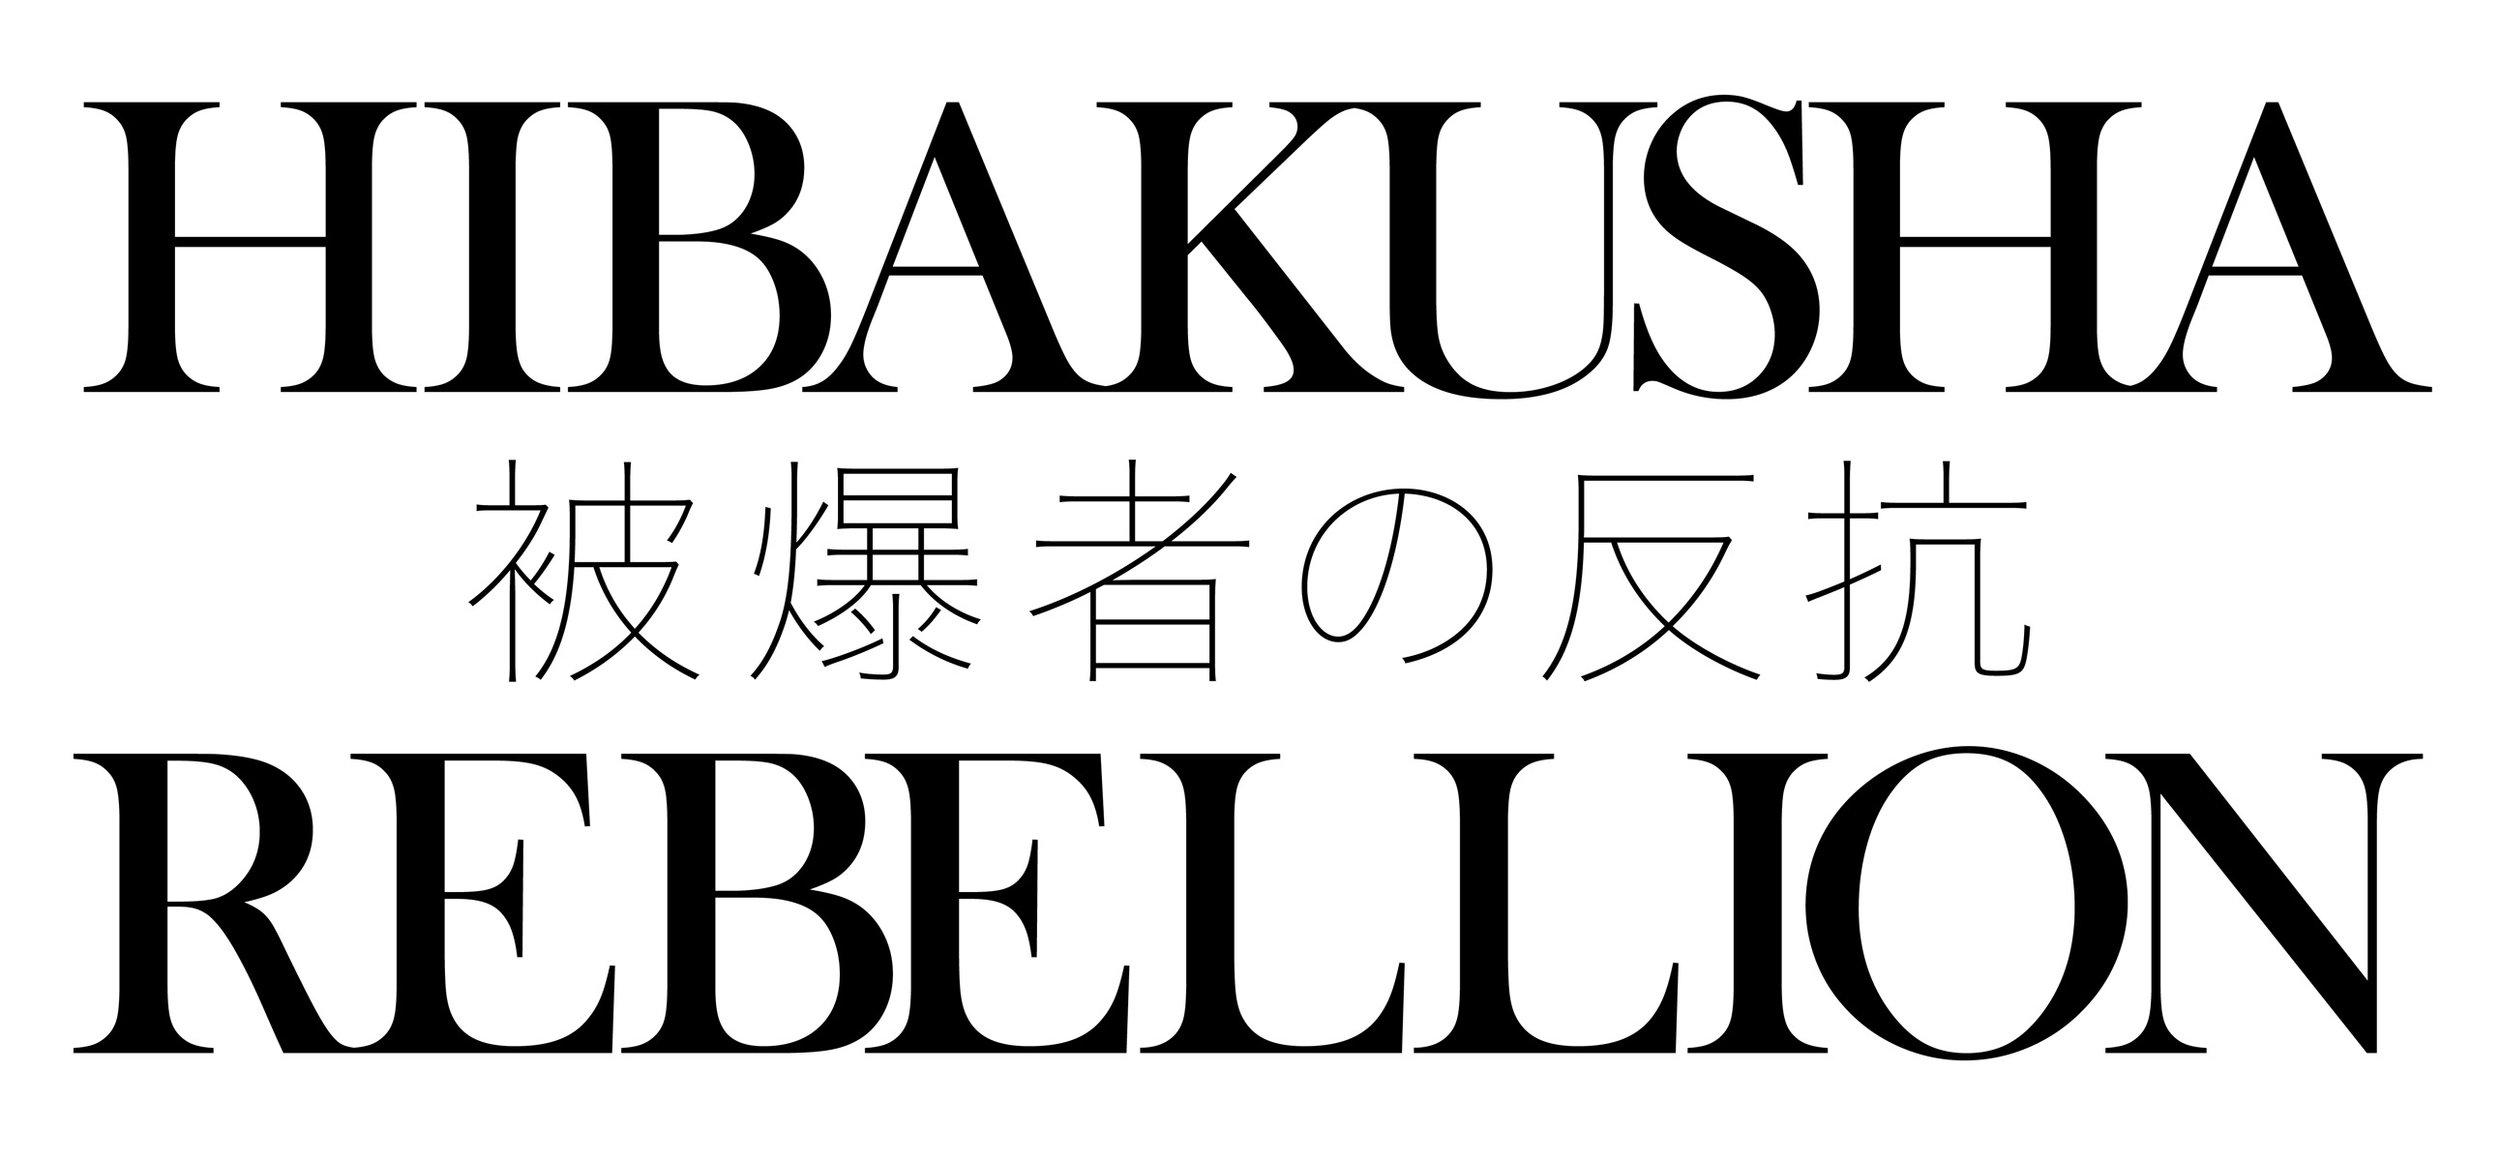 Hibakusha-Rebellion-logo-v2.jpg